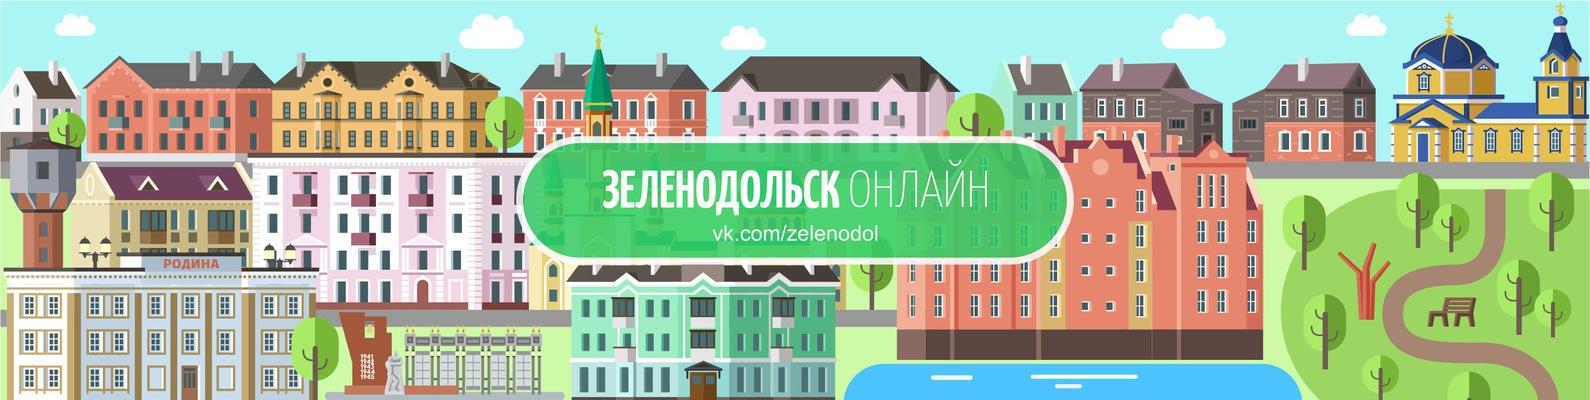 знакомство зеленодольск авито